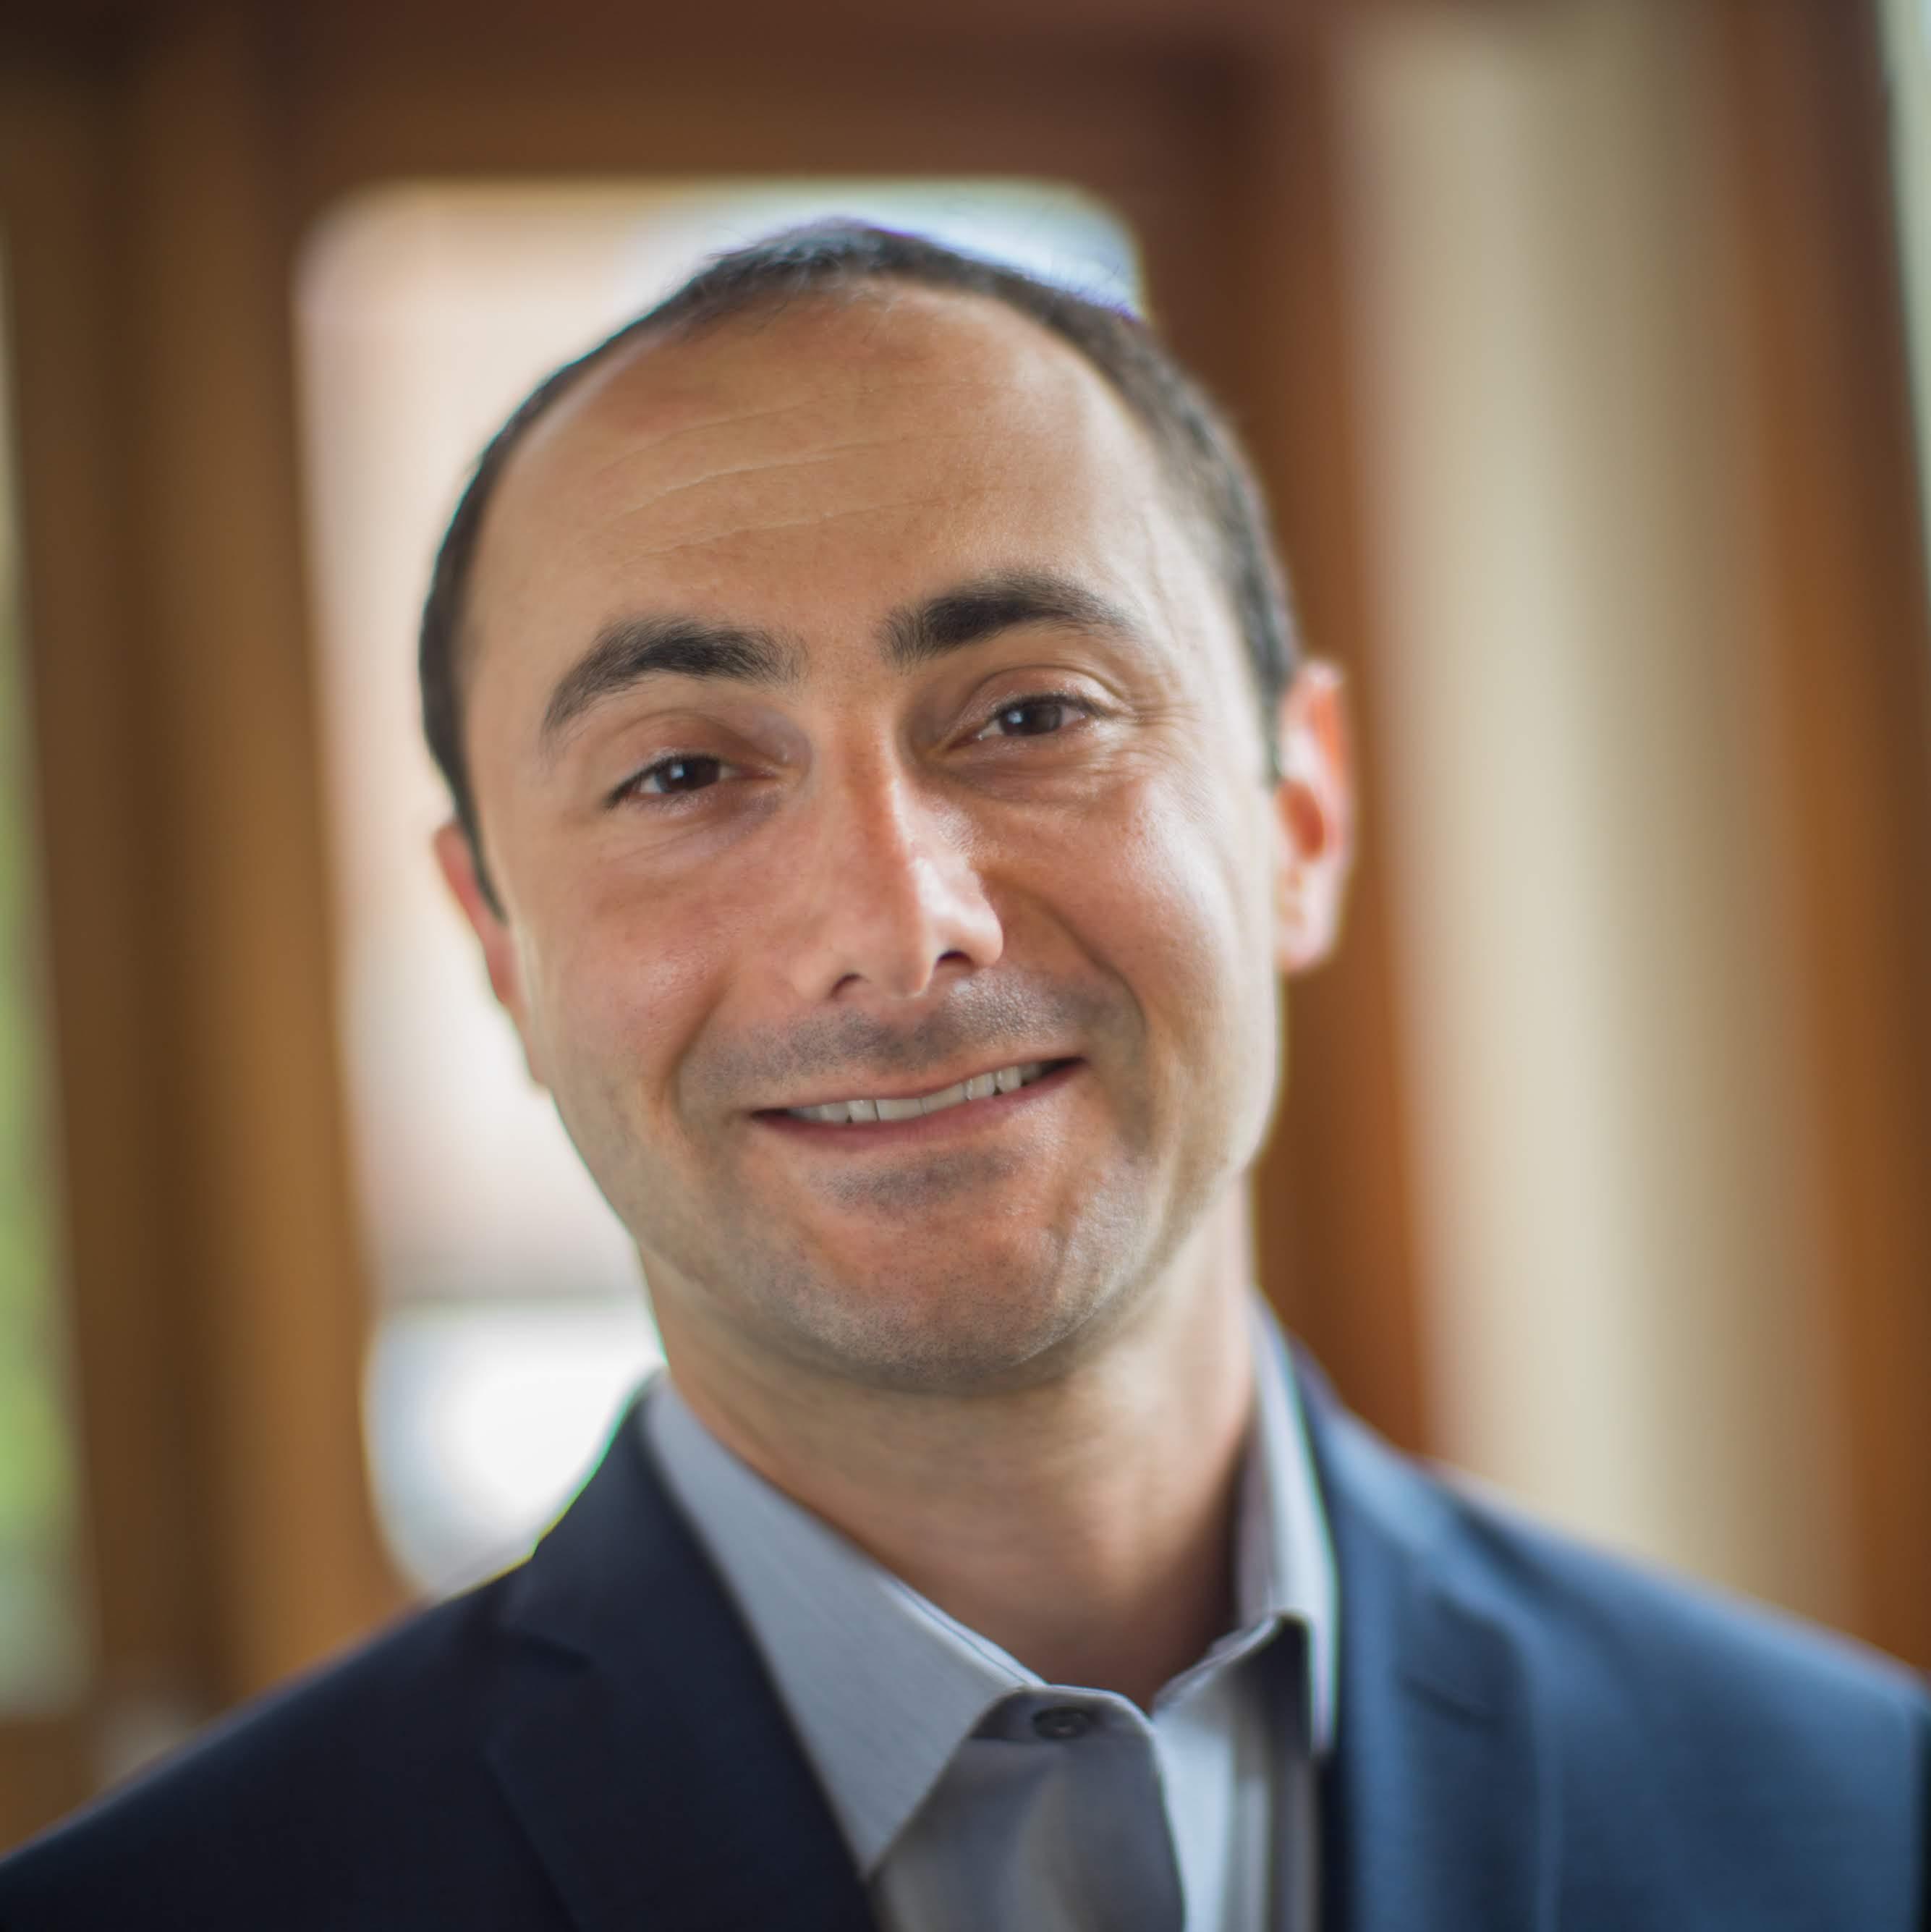 Eric Rotkow